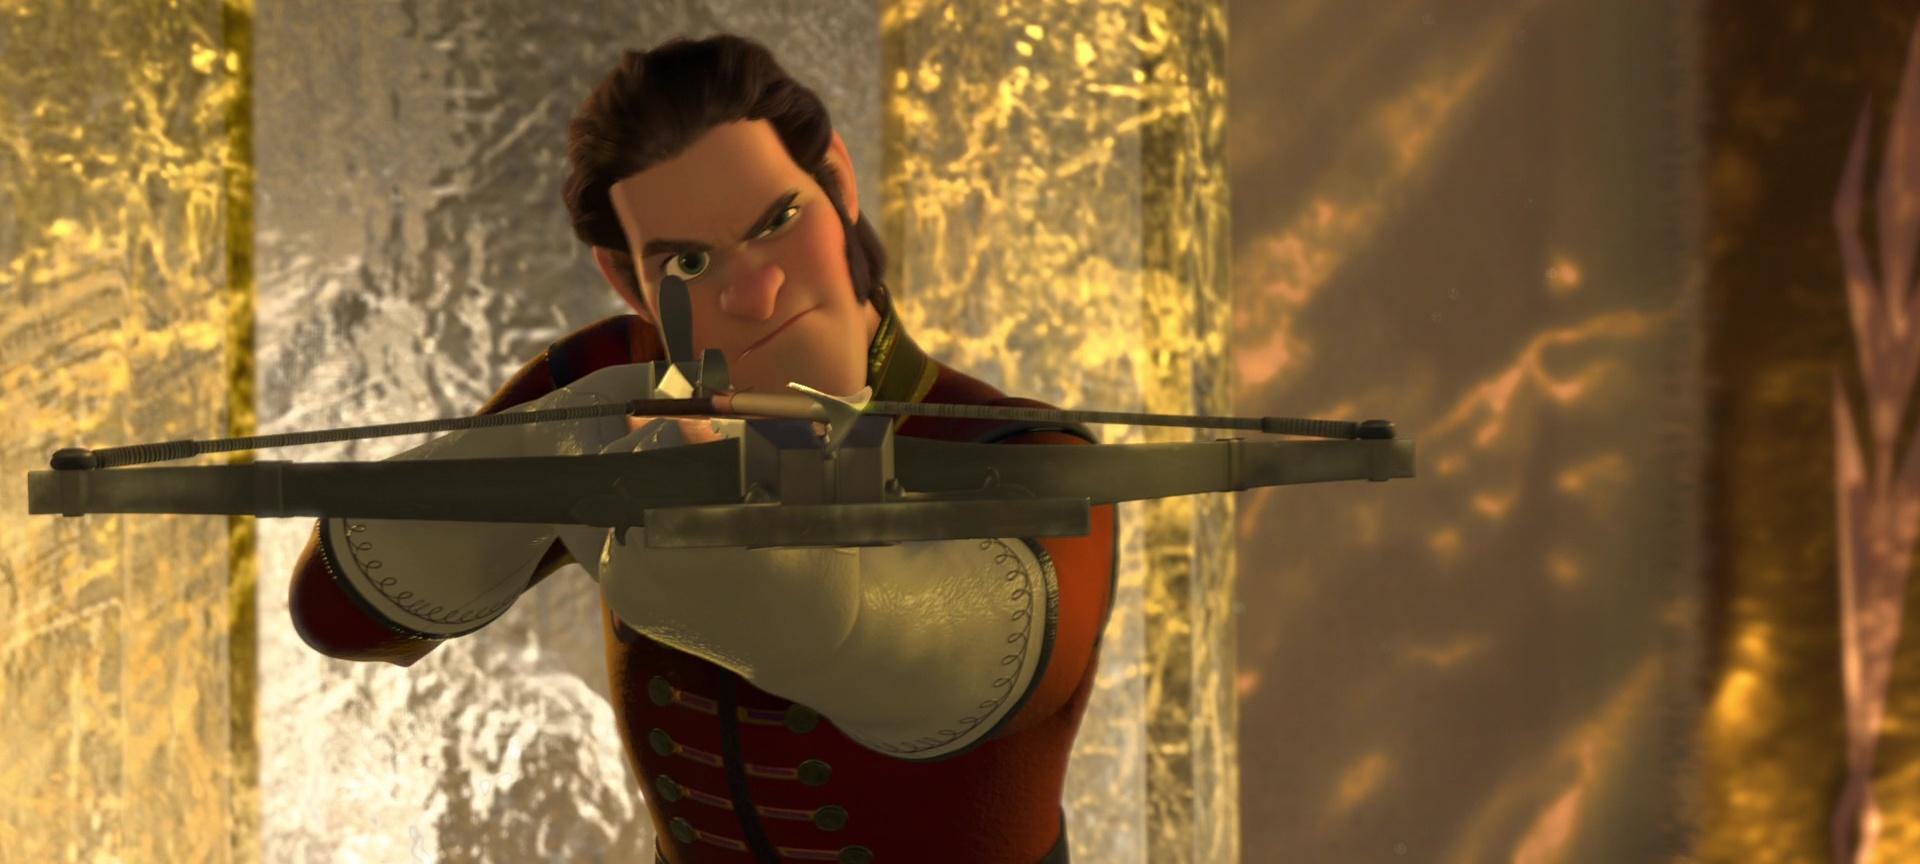 Erik et francis personnages dans la reine des neiges disney planet - Personnage de la reine des neiges ...